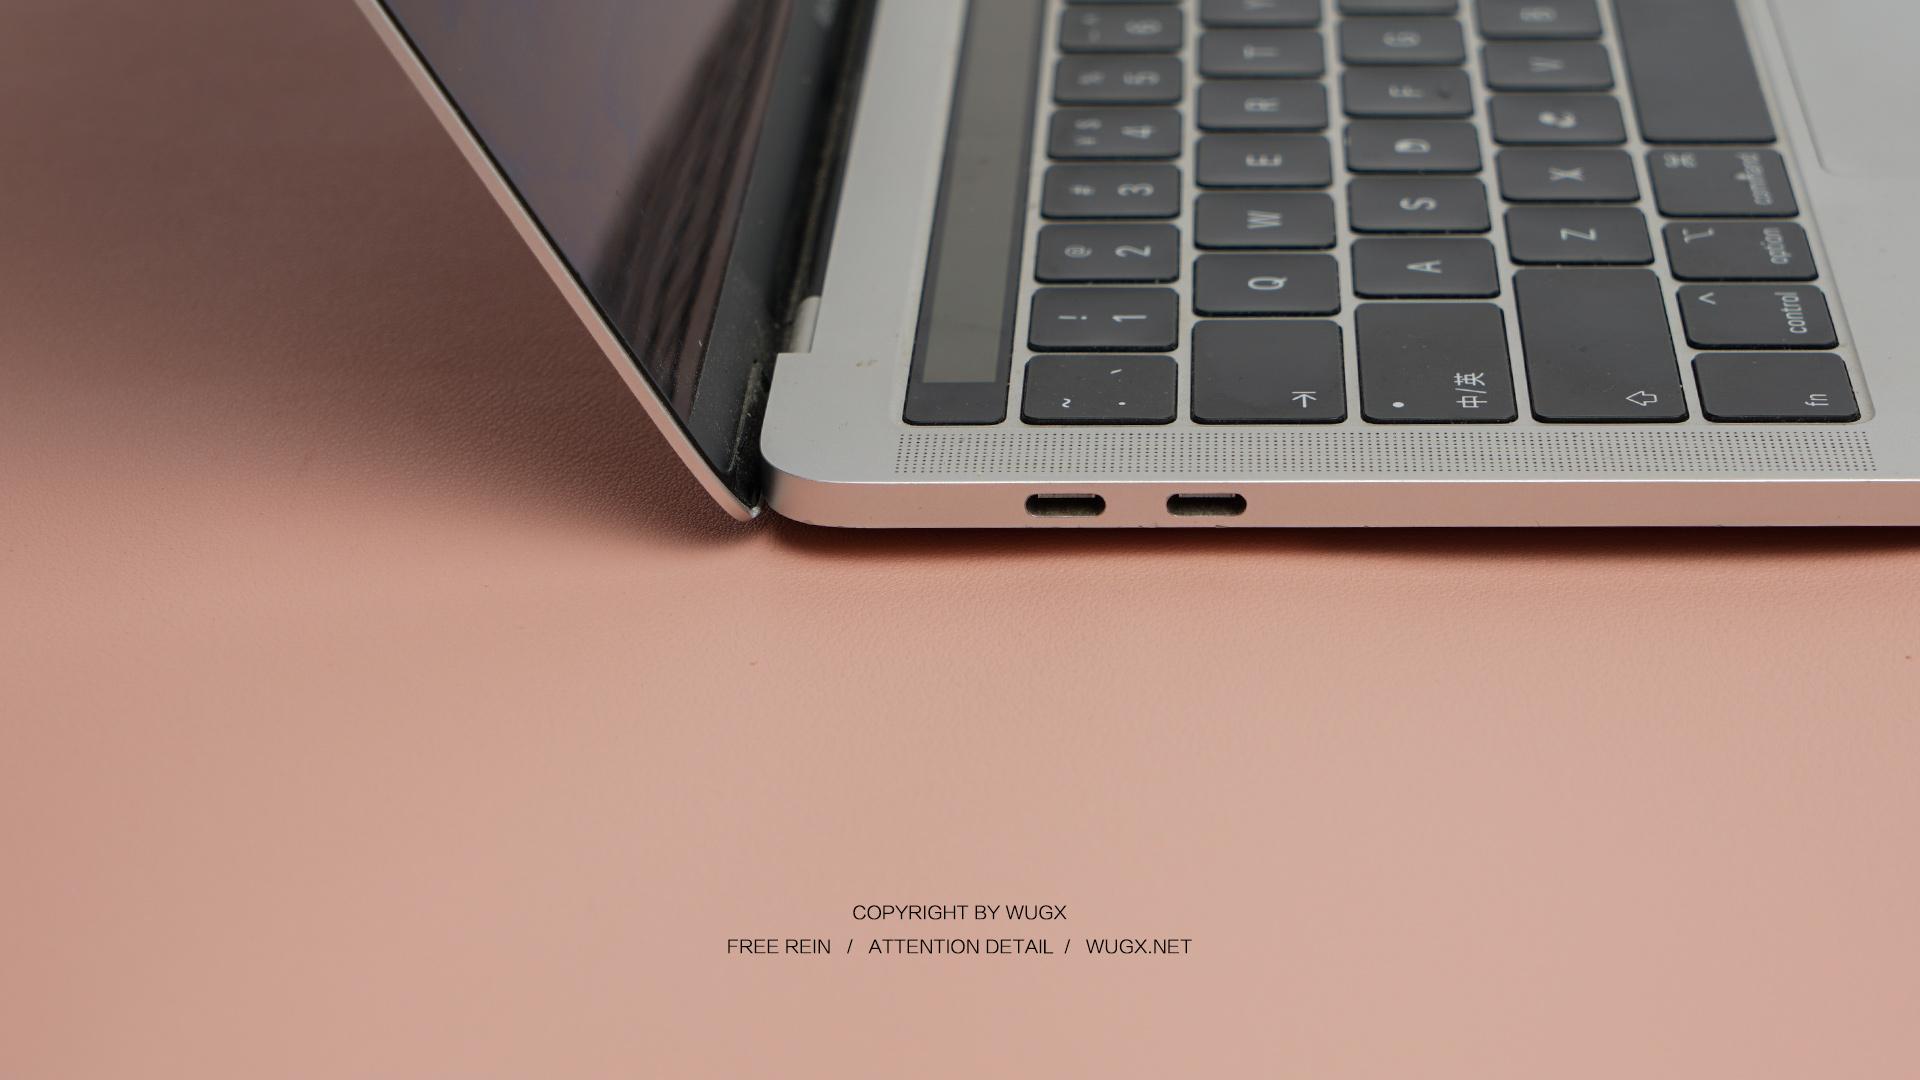 远看是硬实木 其实手感是柔软的皮革的双面桌面鼠标垫  图片 科技 评测 第8张